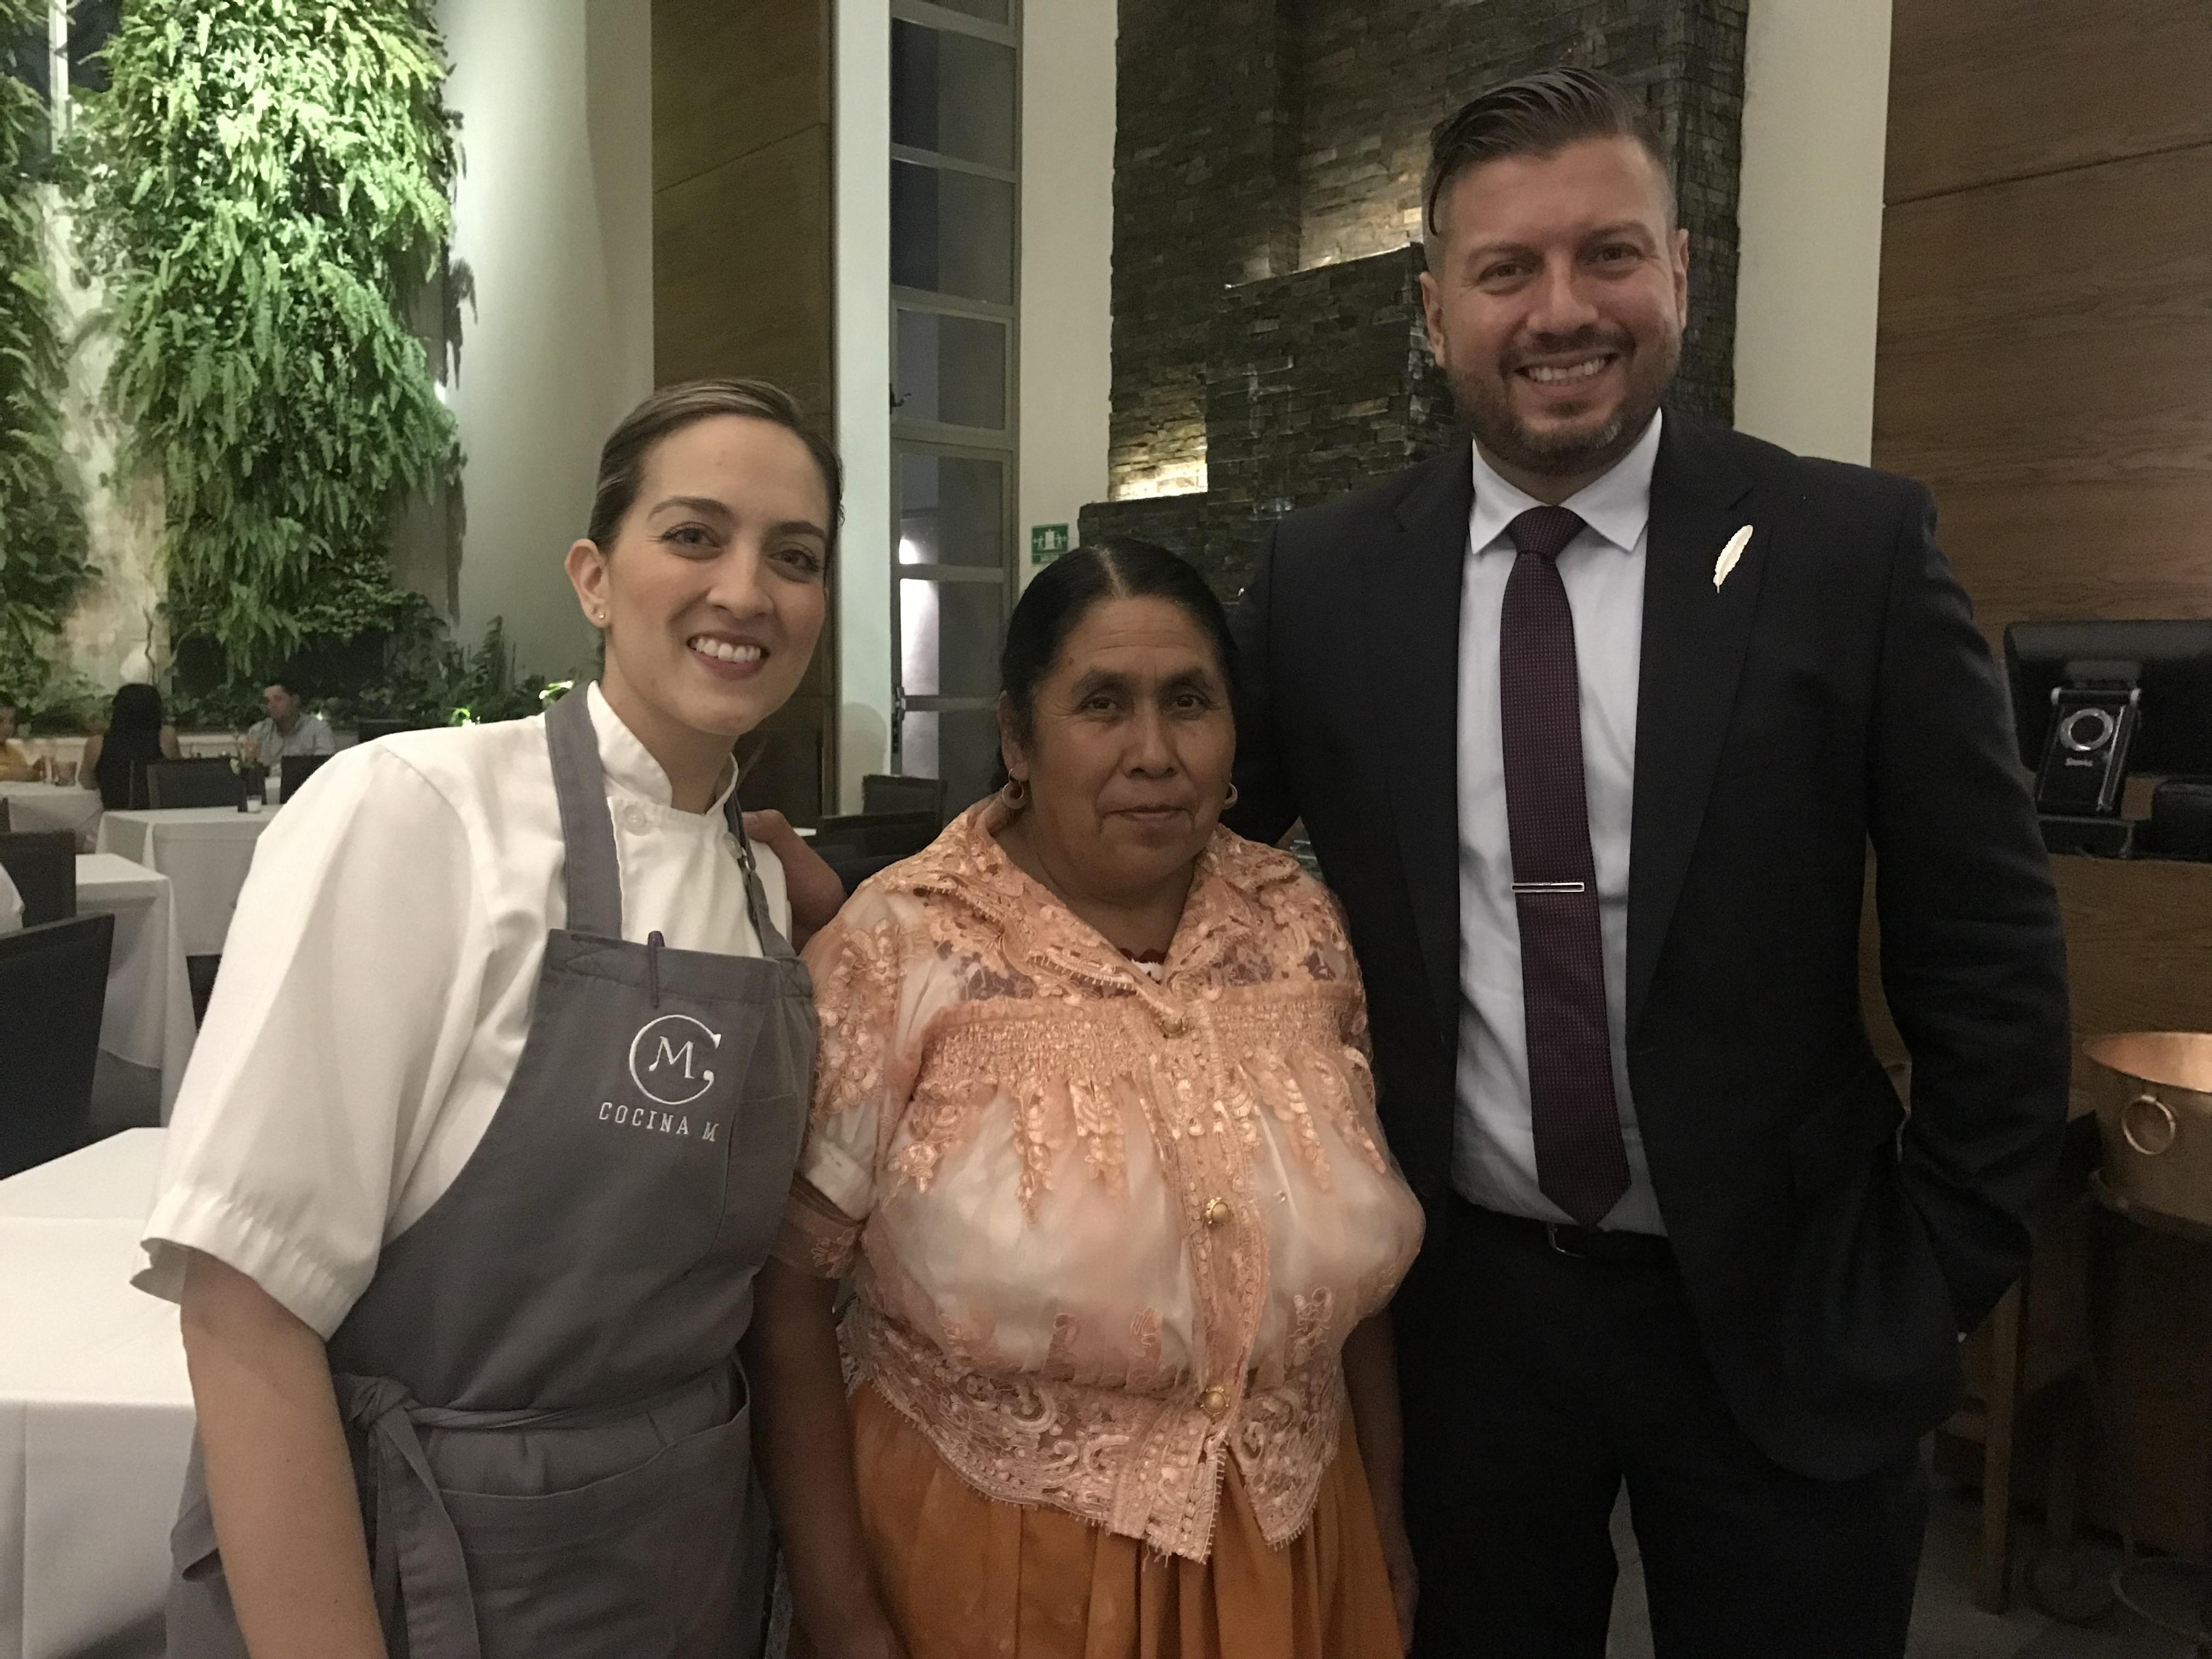 Mariana Valencia, Juana Bravo y Marino Collazos en Cocina M. Juanita patrimonio inmaterial de la humanidad